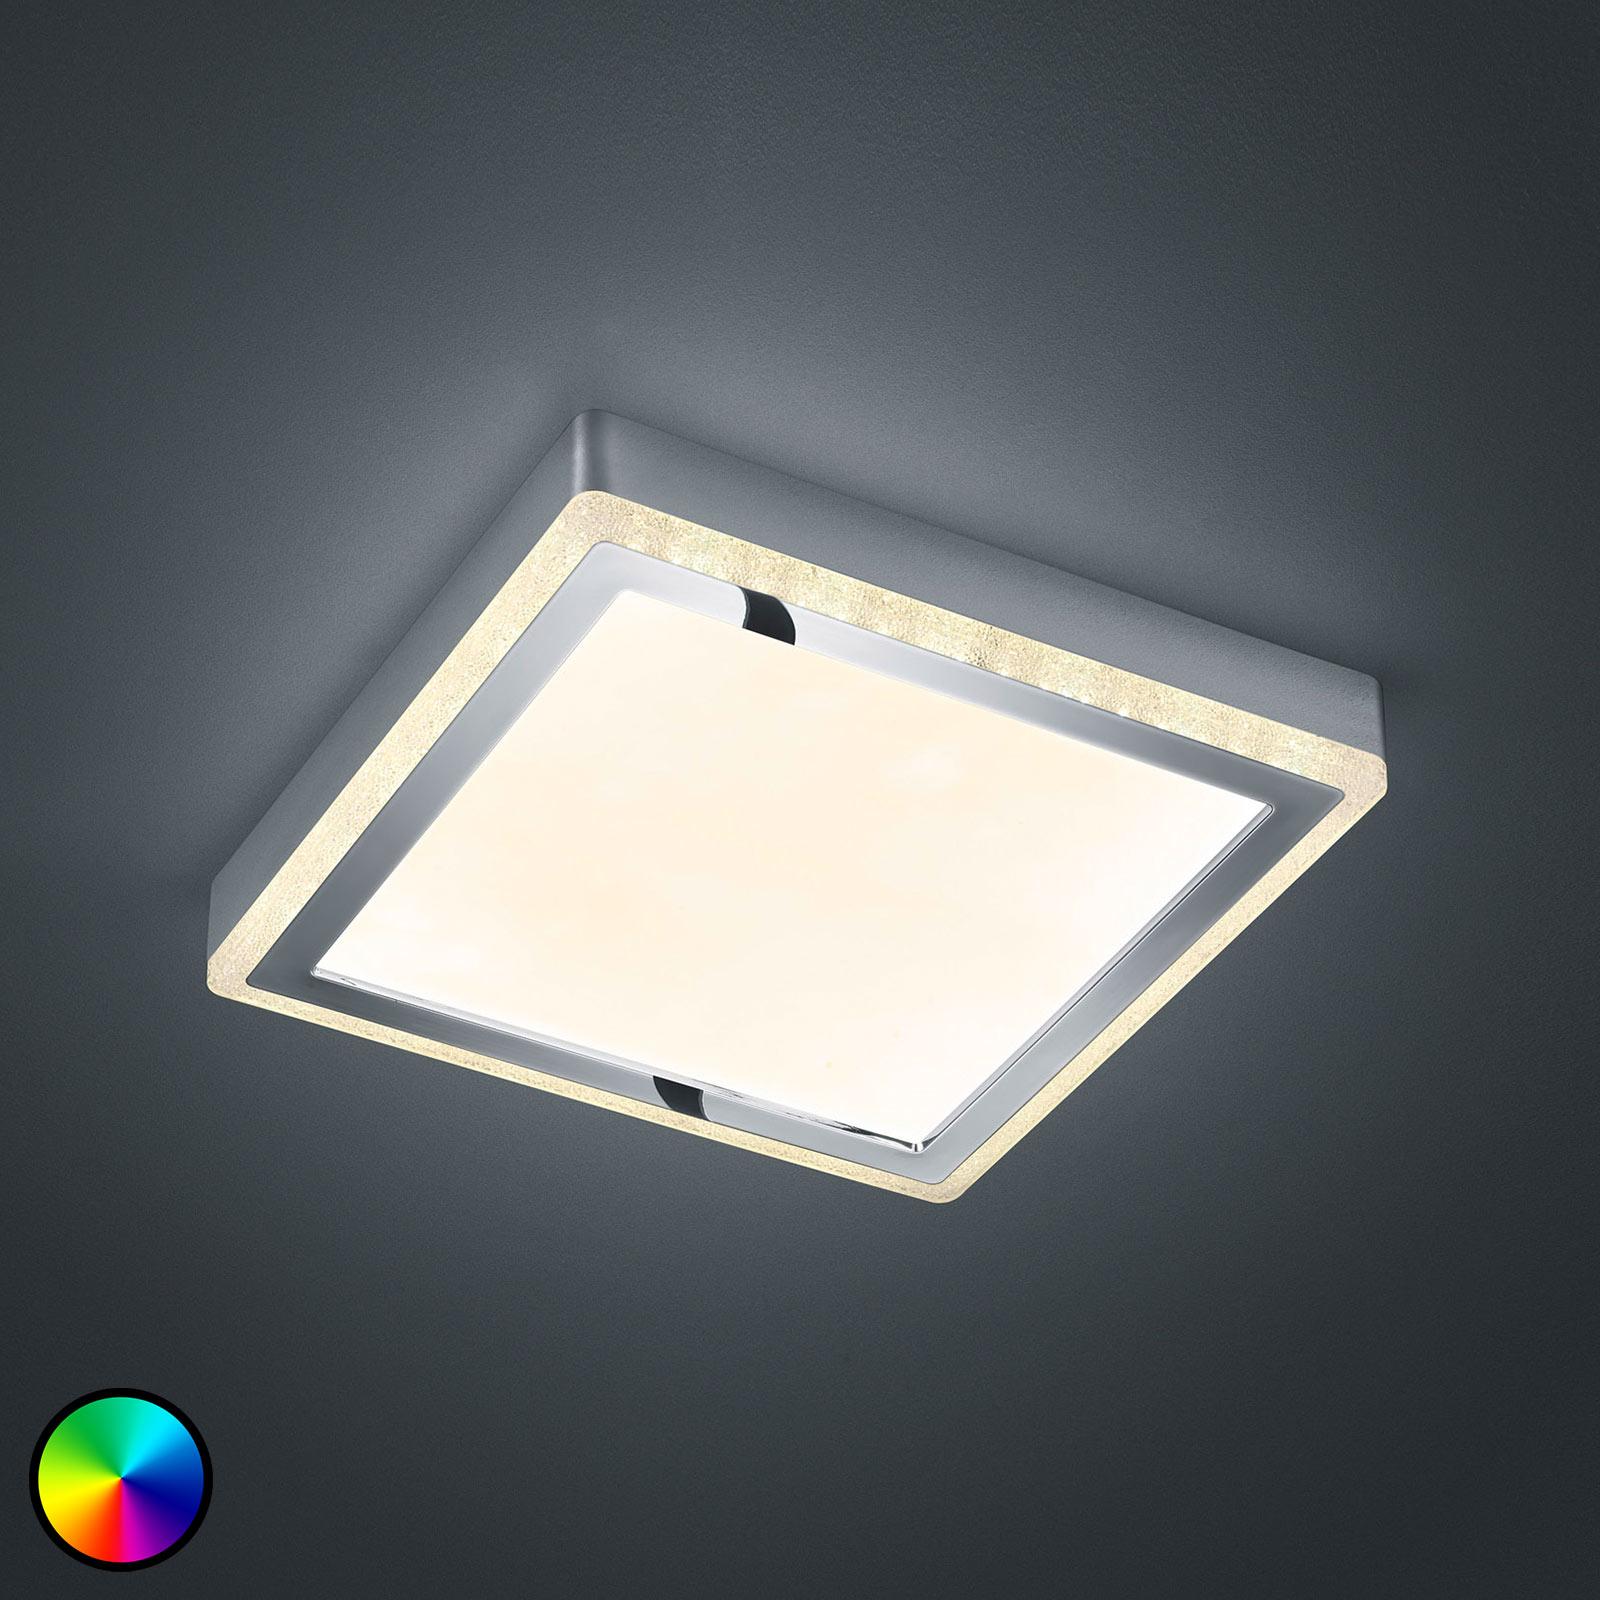 LED-taklampe Slide, hvit, kantet 25x25cm